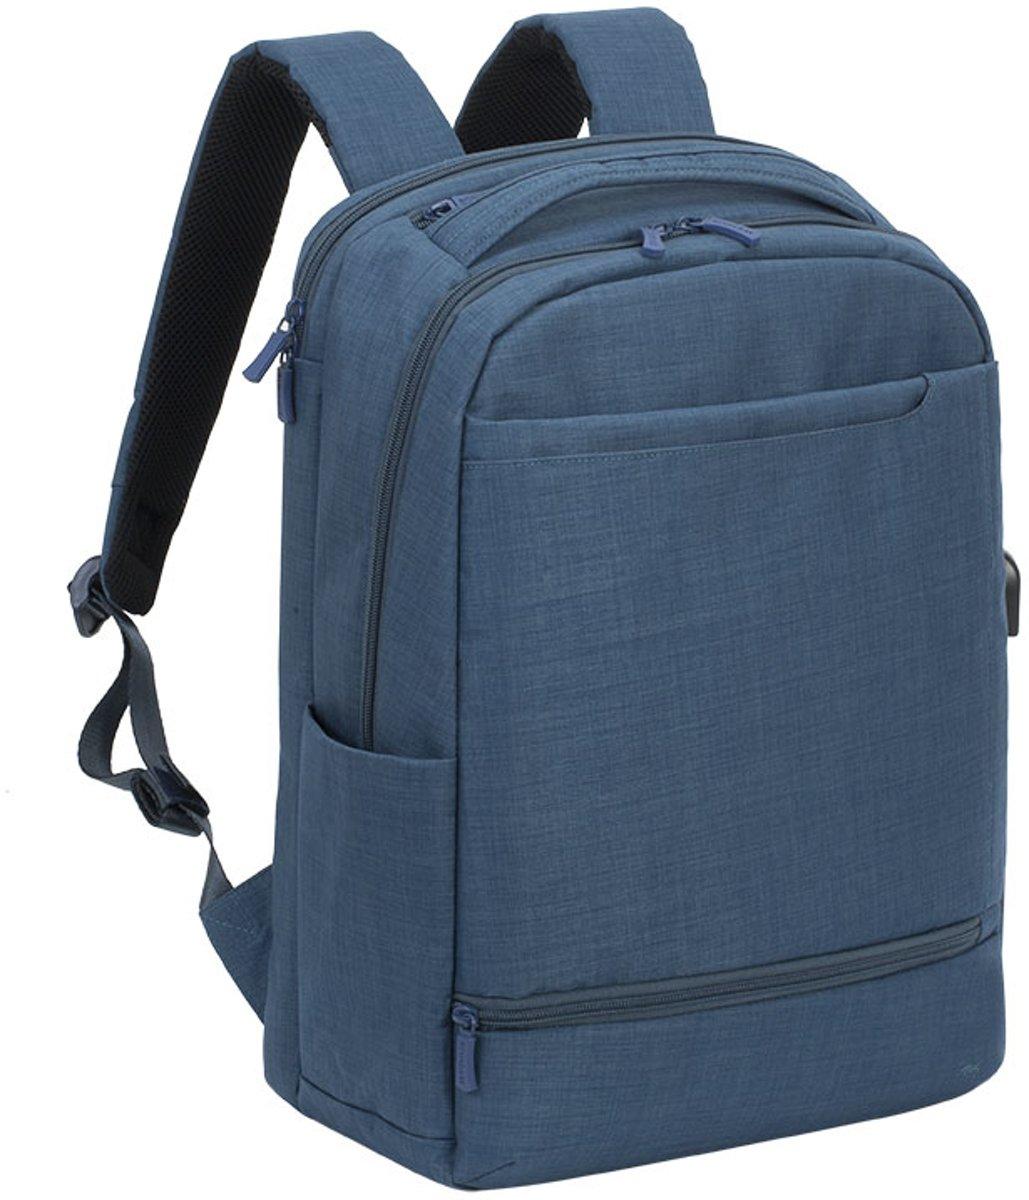 RivaCase 8365 - Laptop Rugzak - 17.3 Inch - Extra vak voor 10.1 Inch tablet - Blauw